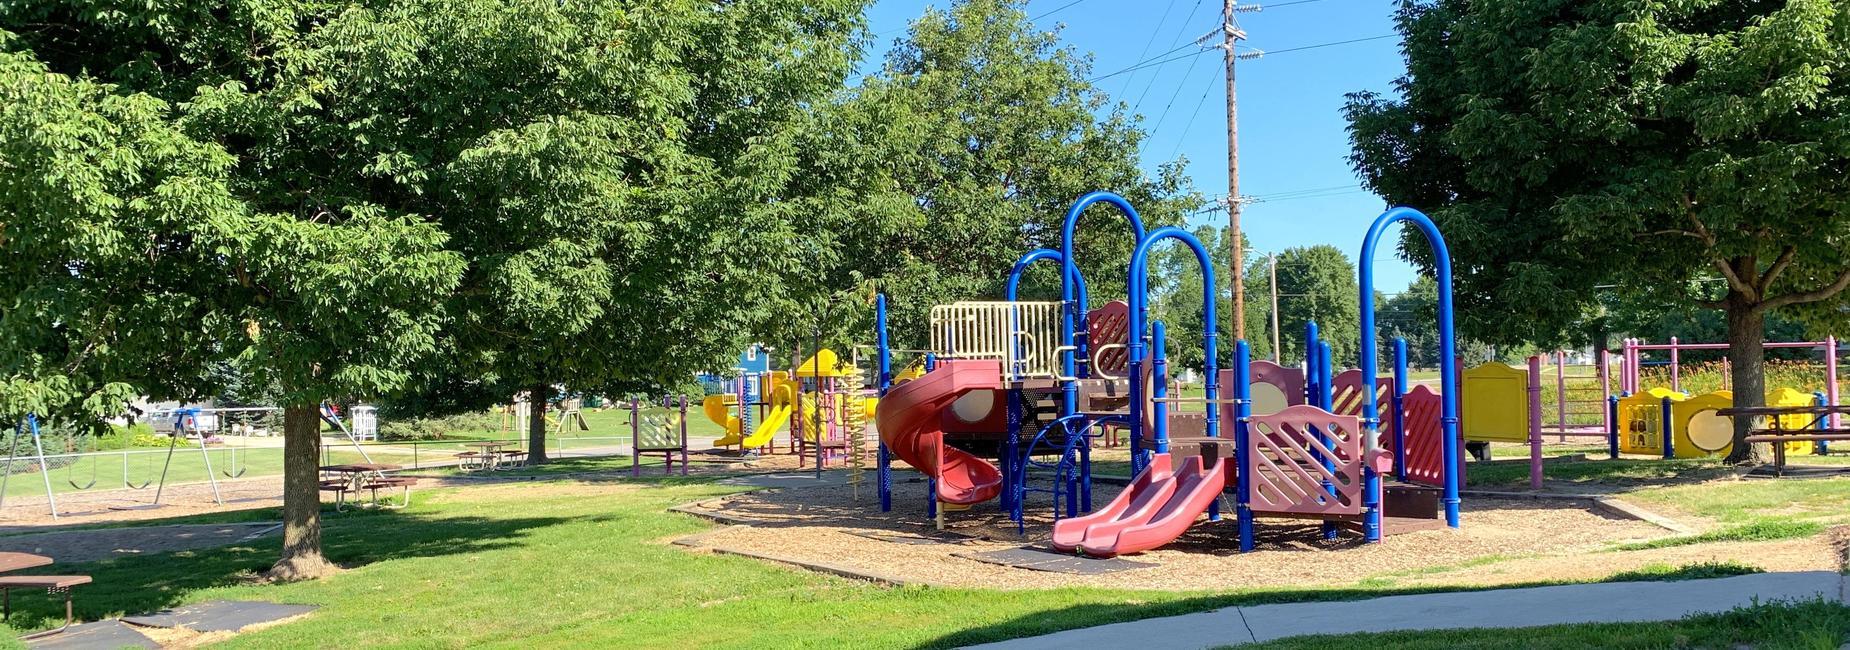 Prairie City Elementary Playground